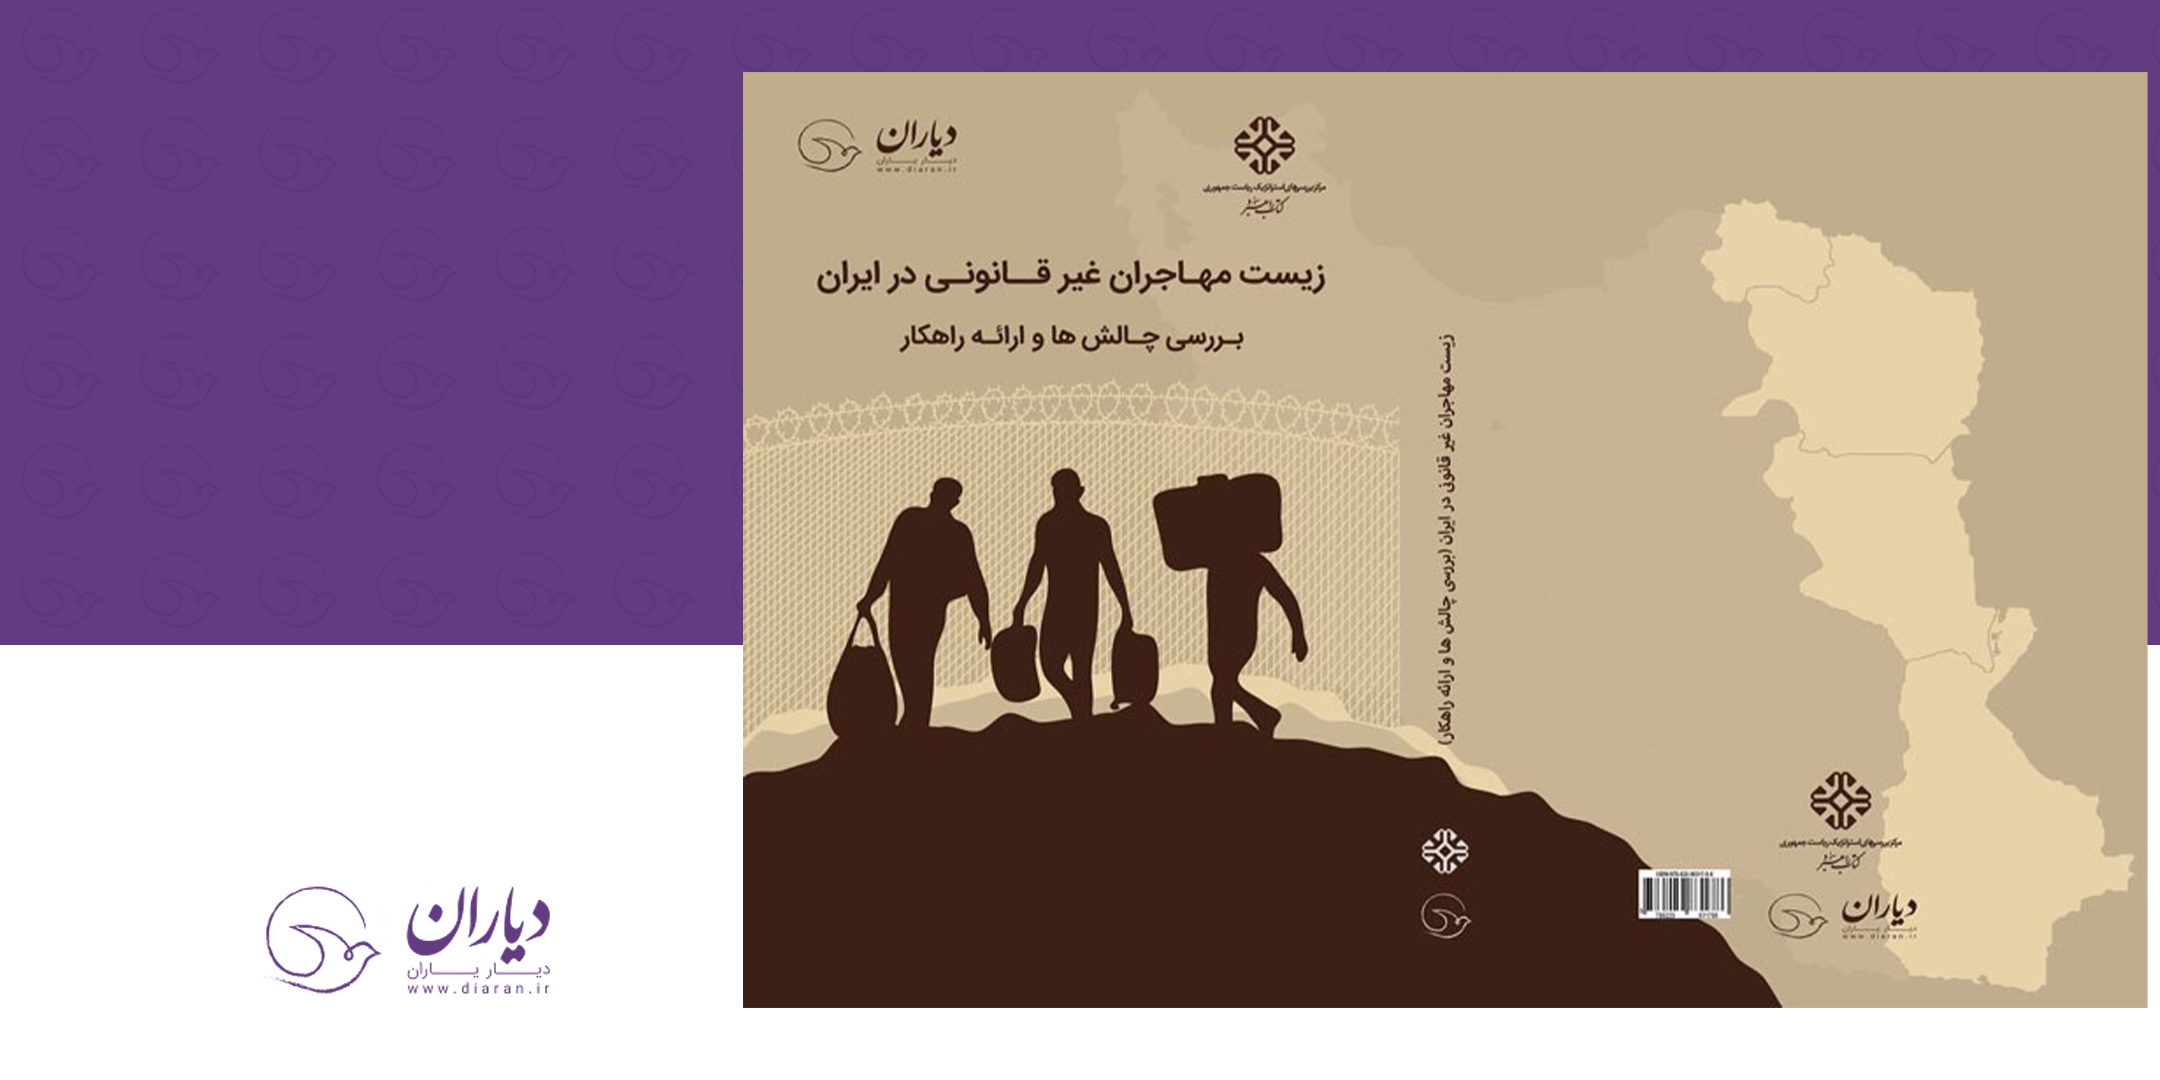 زیست مهاجران غیرقانونی در ایران: بررسی چالش ها و ارائه راهکار